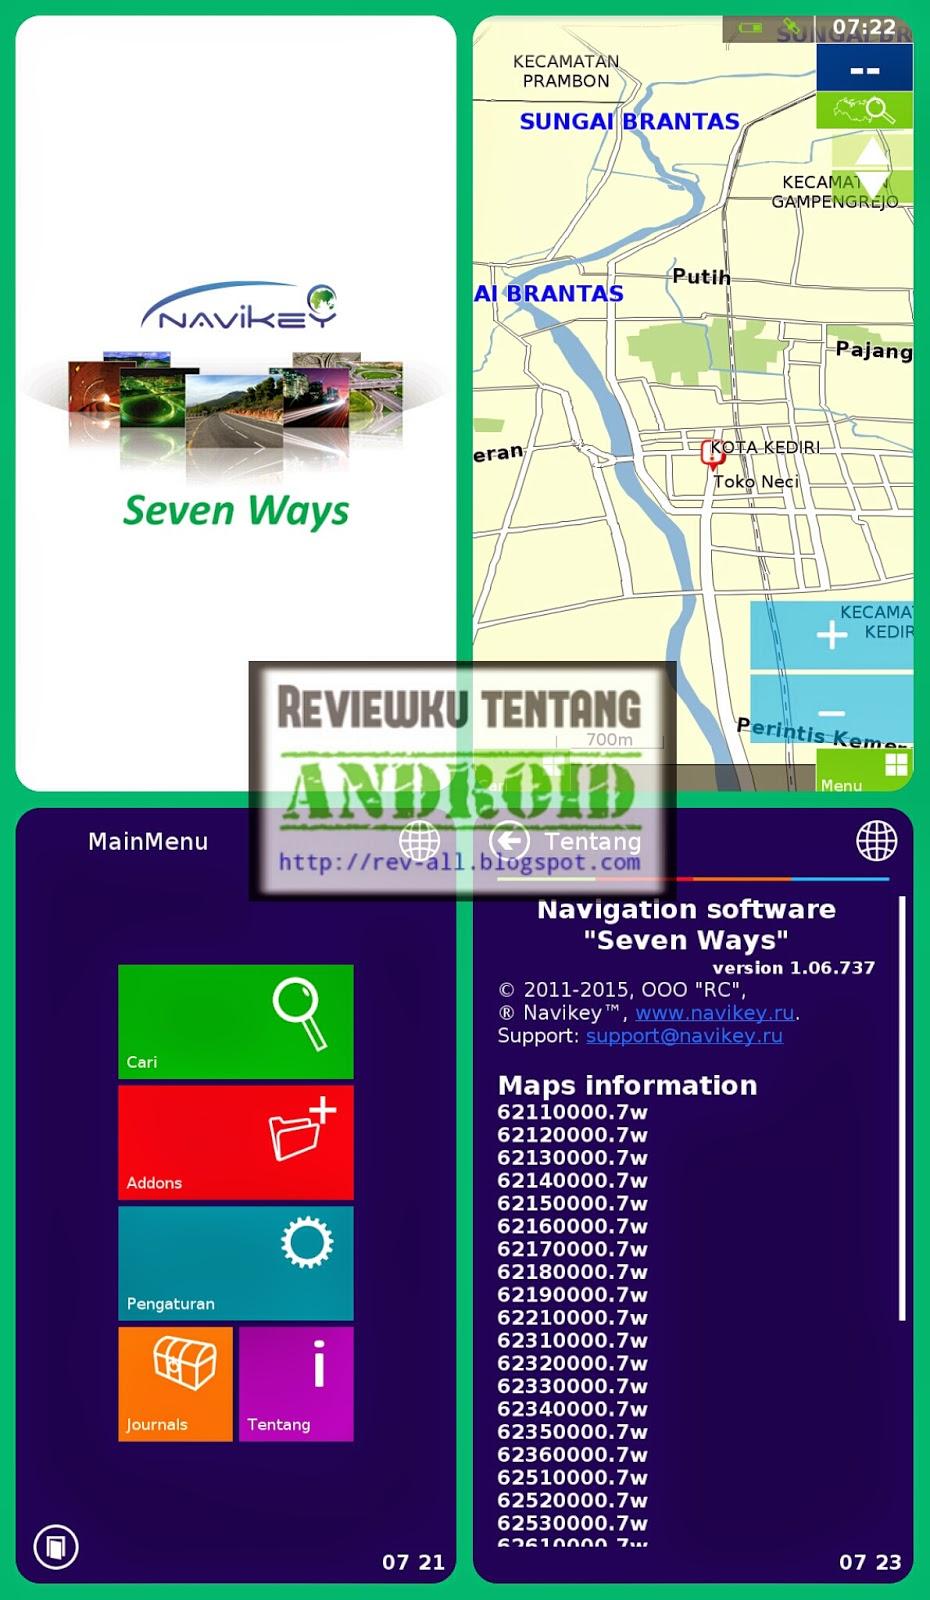 Tampilan aplikasi 7WAYS NAVIGATOR - Aplikasi navigasi gratis android yang bagus dan lengkap (rev-all.blogspot.com)